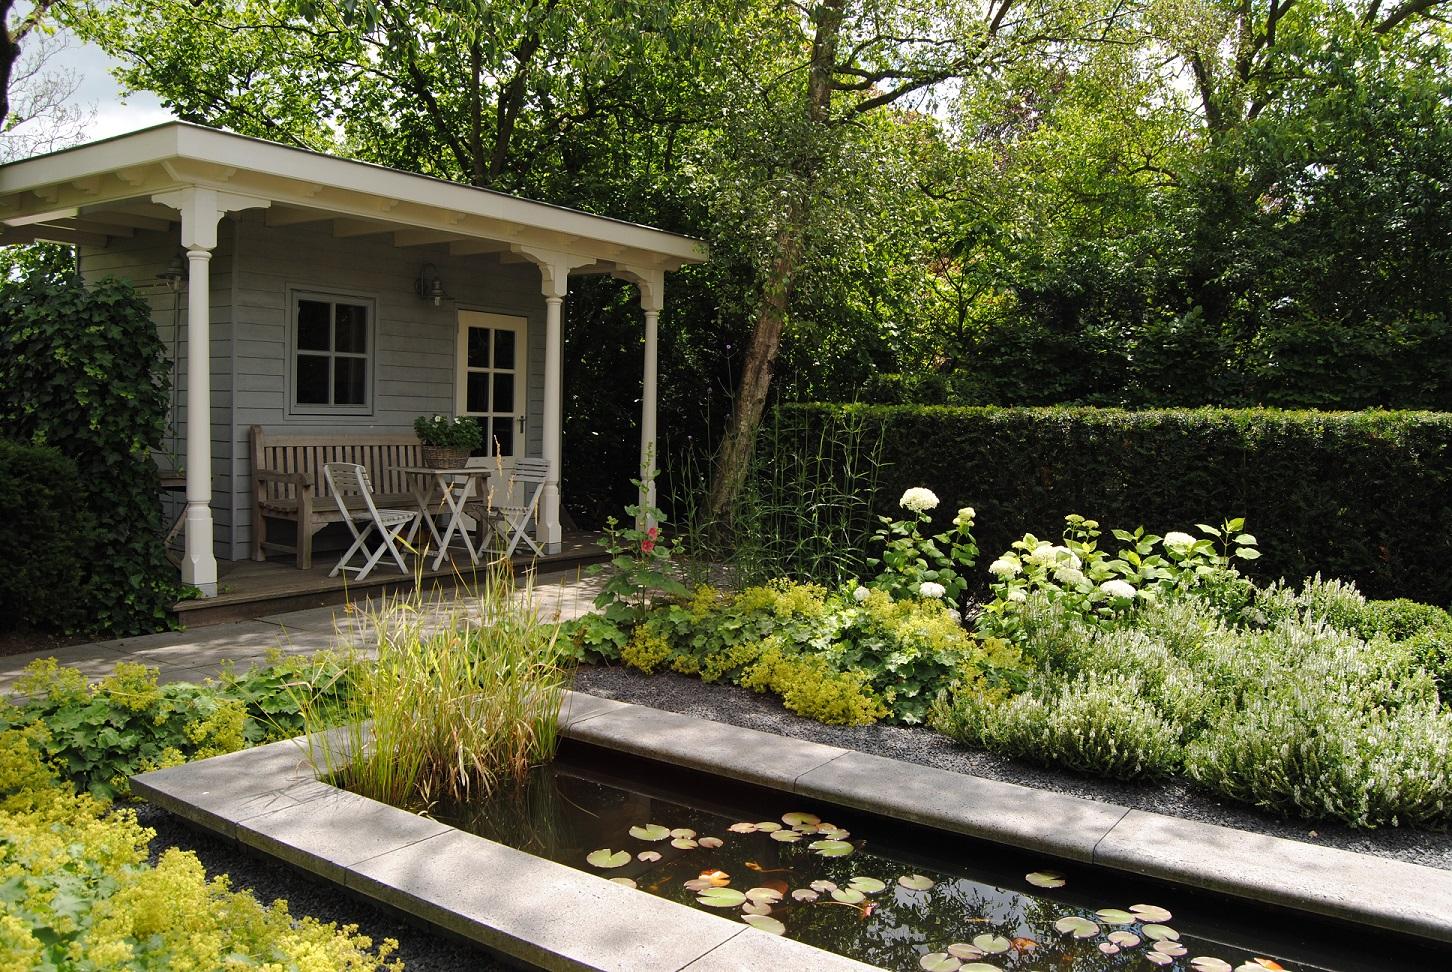 Tuinaanleg landelijke tuin in Oud-Beijerland - Hoveniersbedrijf Van der Waal Tuinen